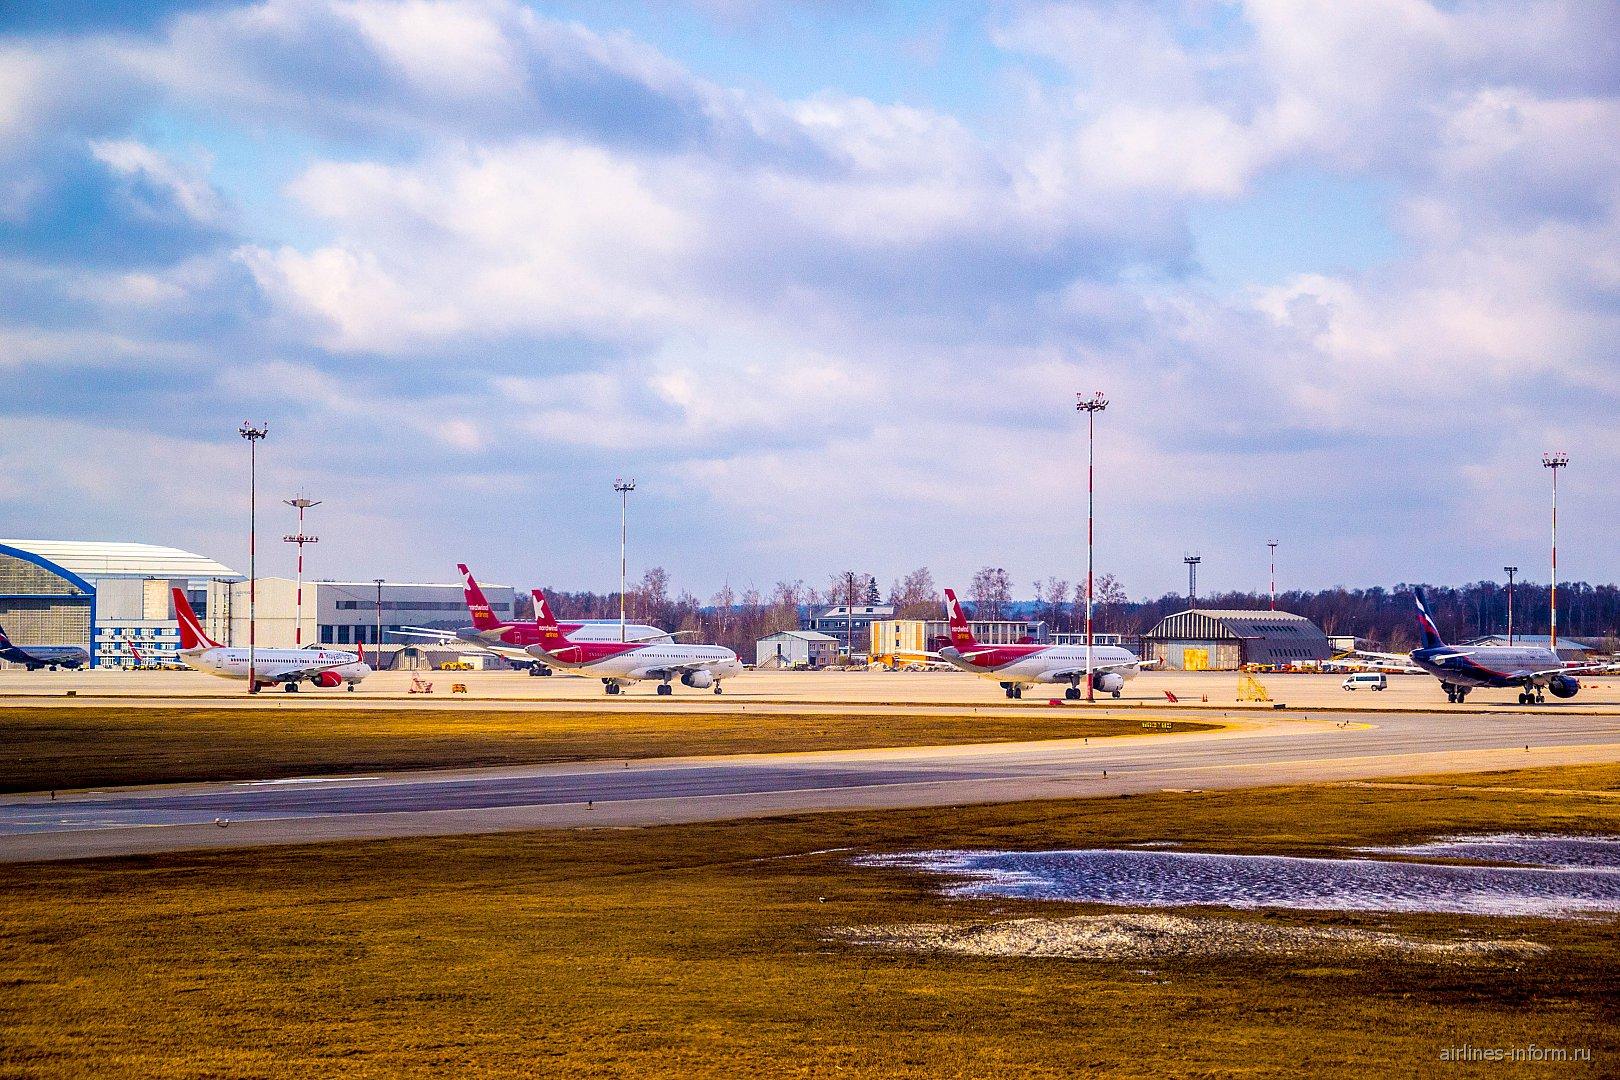 Самолеты на перроне аэропорта Шереметьево